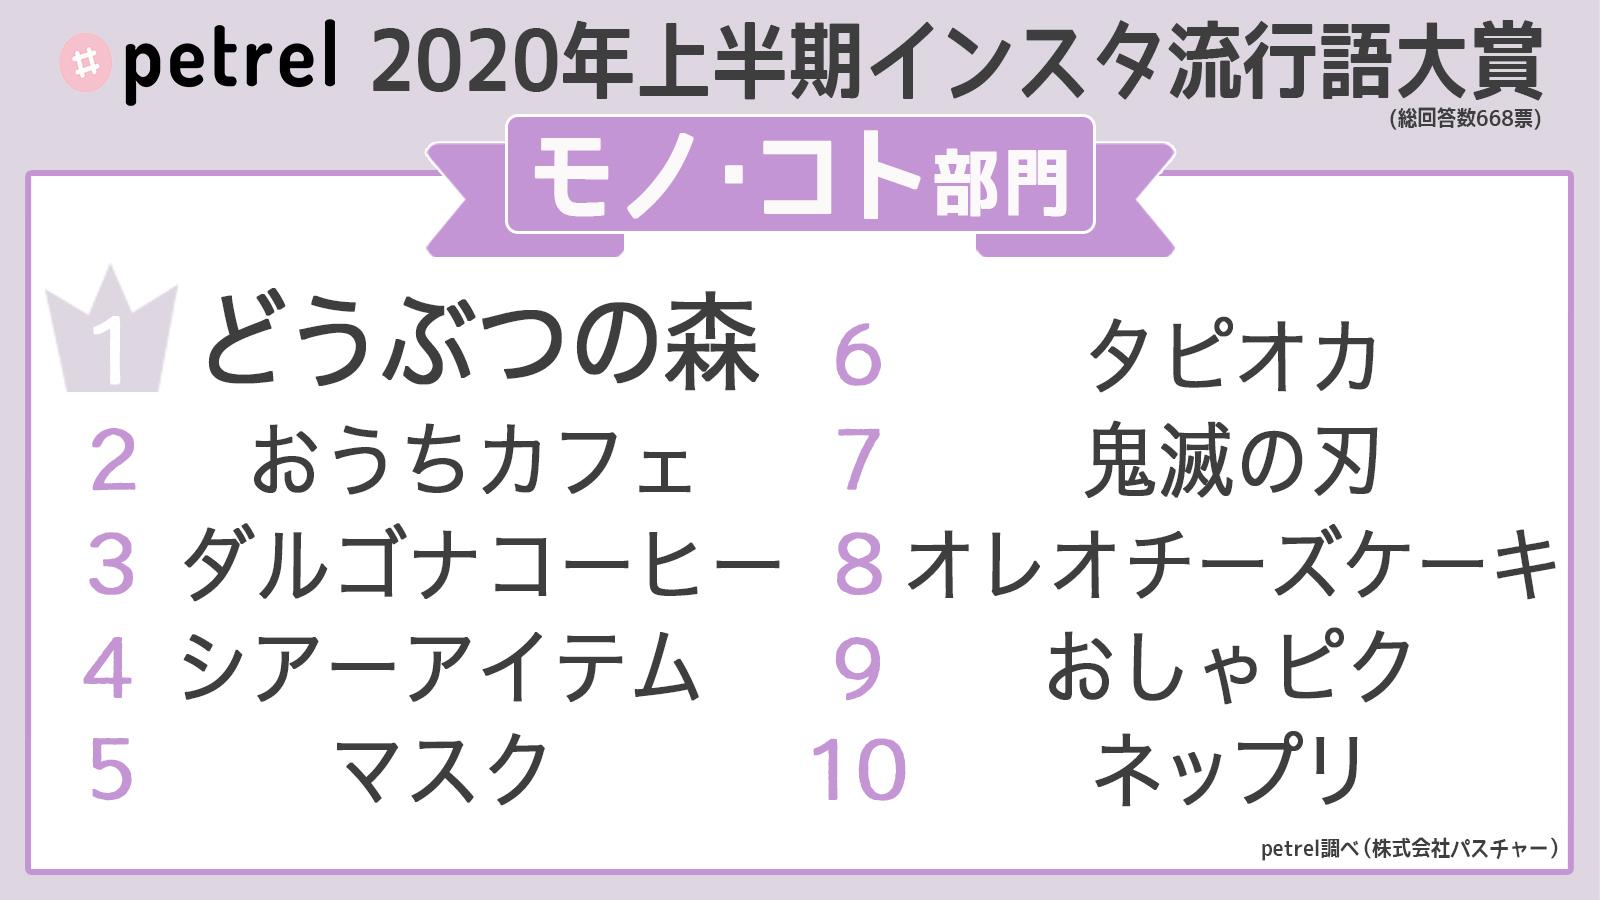 流行語Twitter(モノ・コト部門) (1)